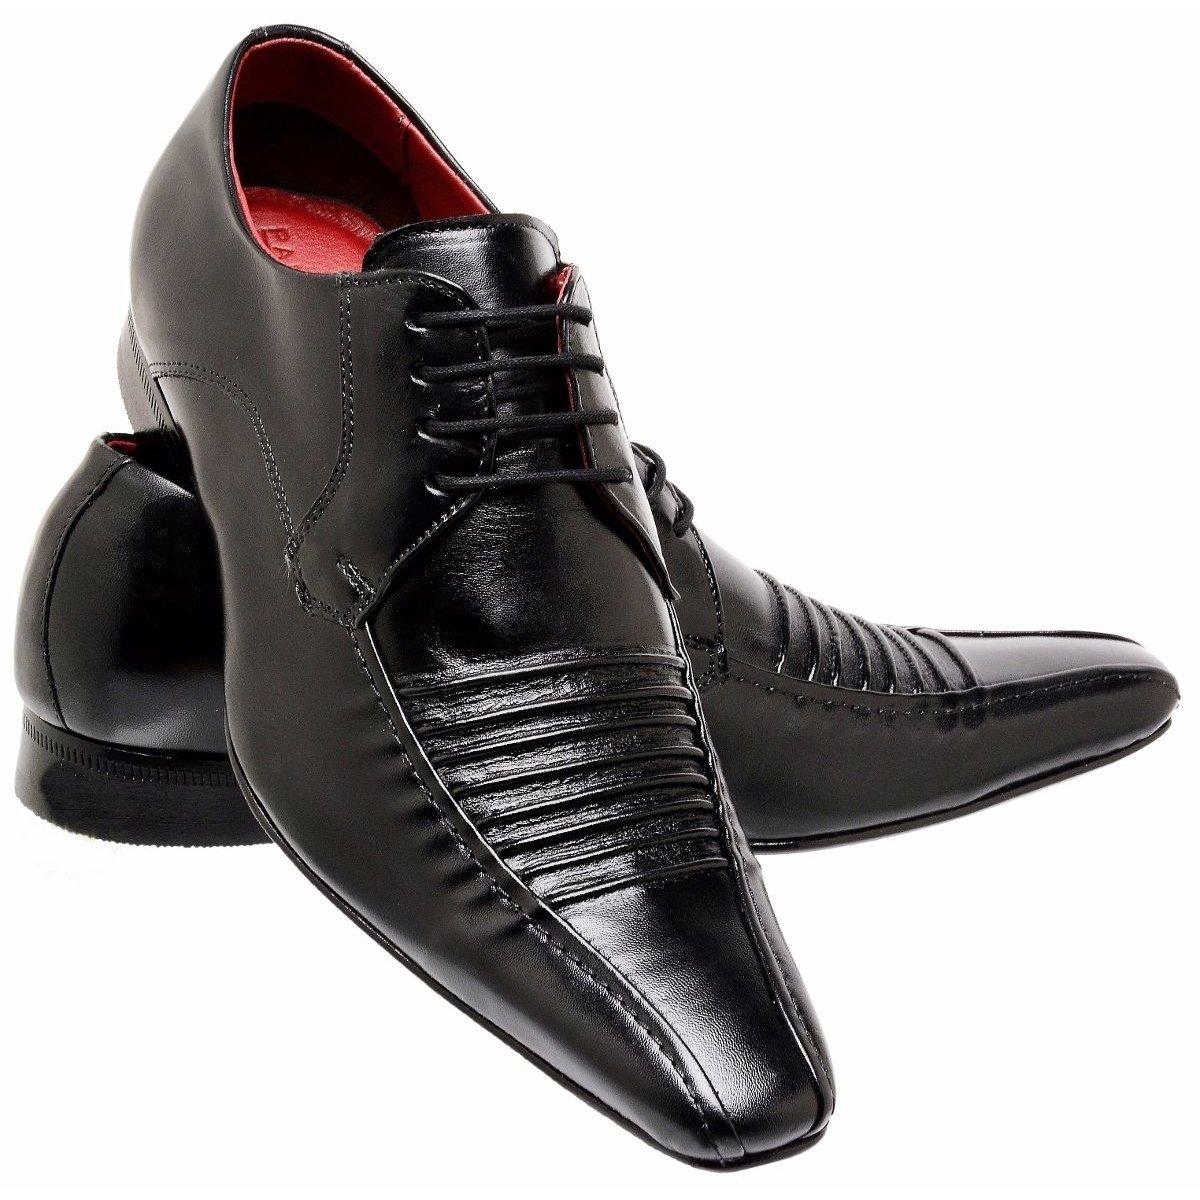 c33fac0c5d Sapato Social Paulo Vieira Estilo Italiano Em Couro Com Cadarço - Preto - Compre  Agora